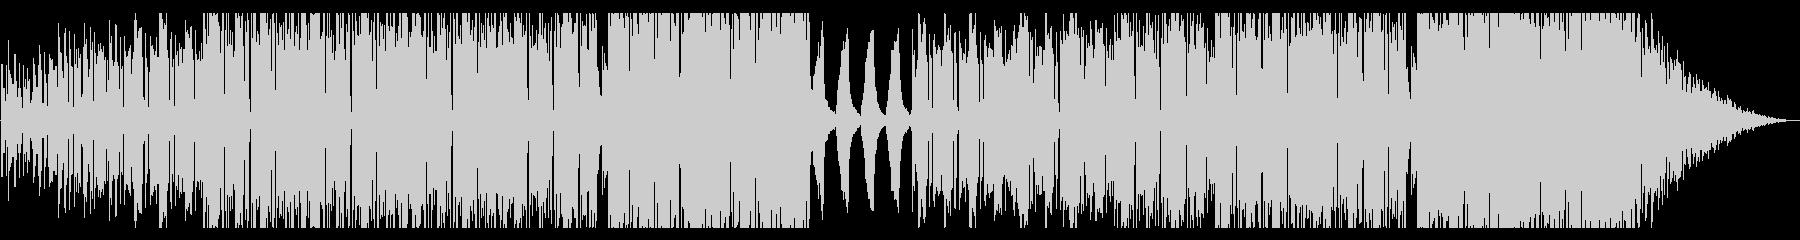 アーバン/Hiphop_No402の未再生の波形